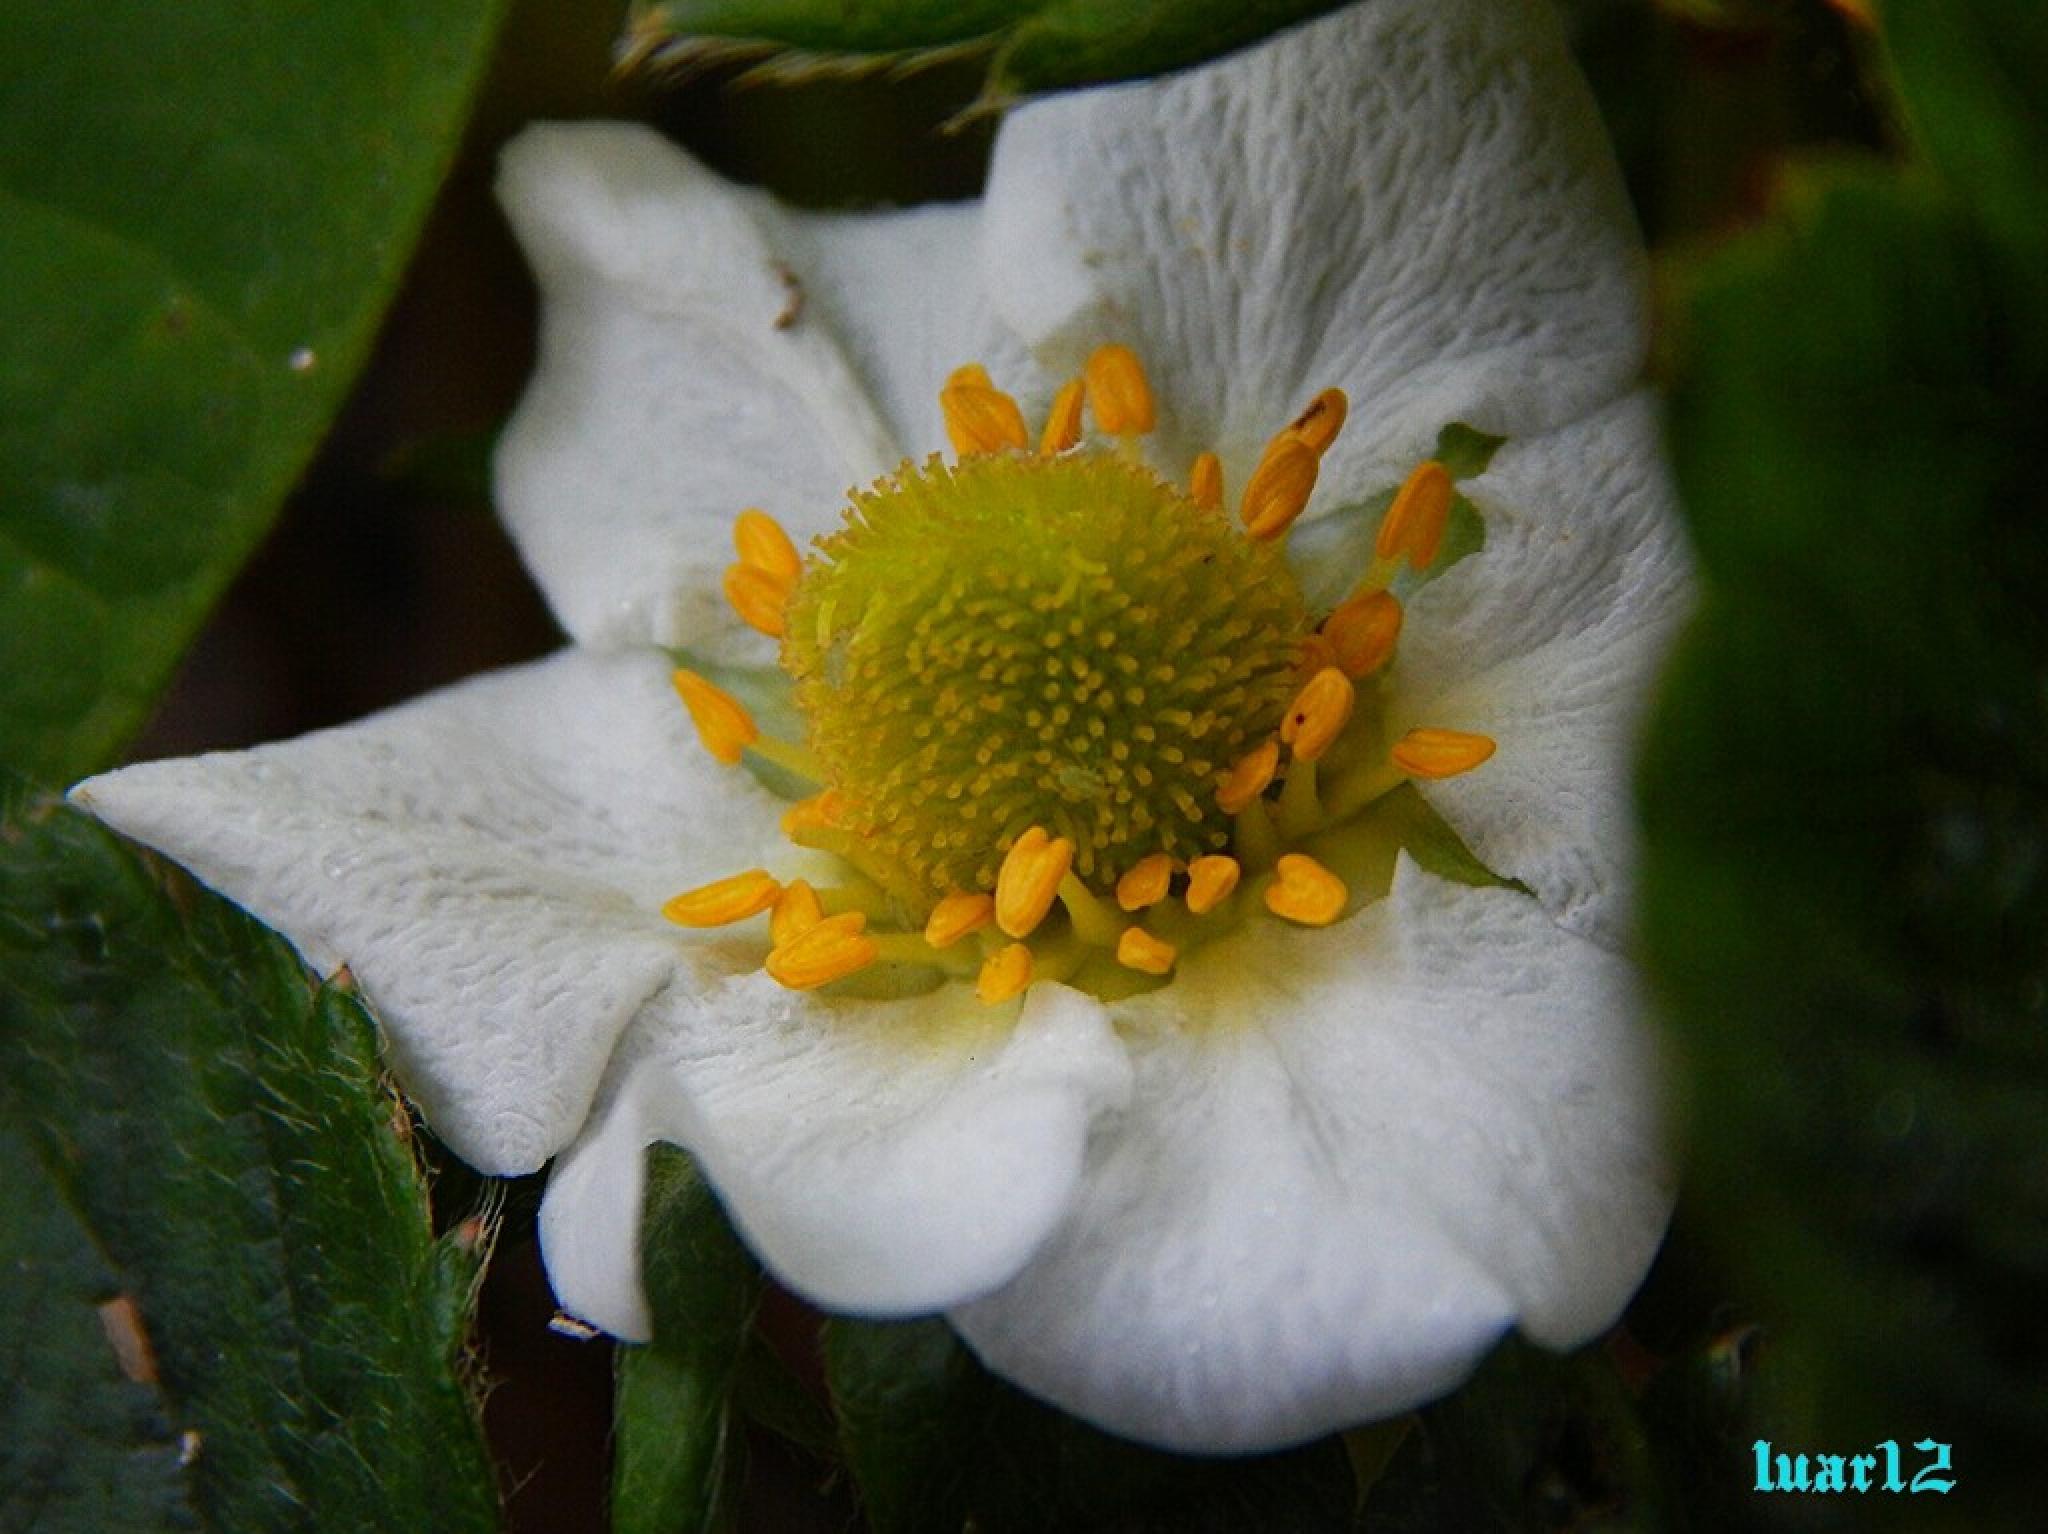 Flor do morangueiro by luar12